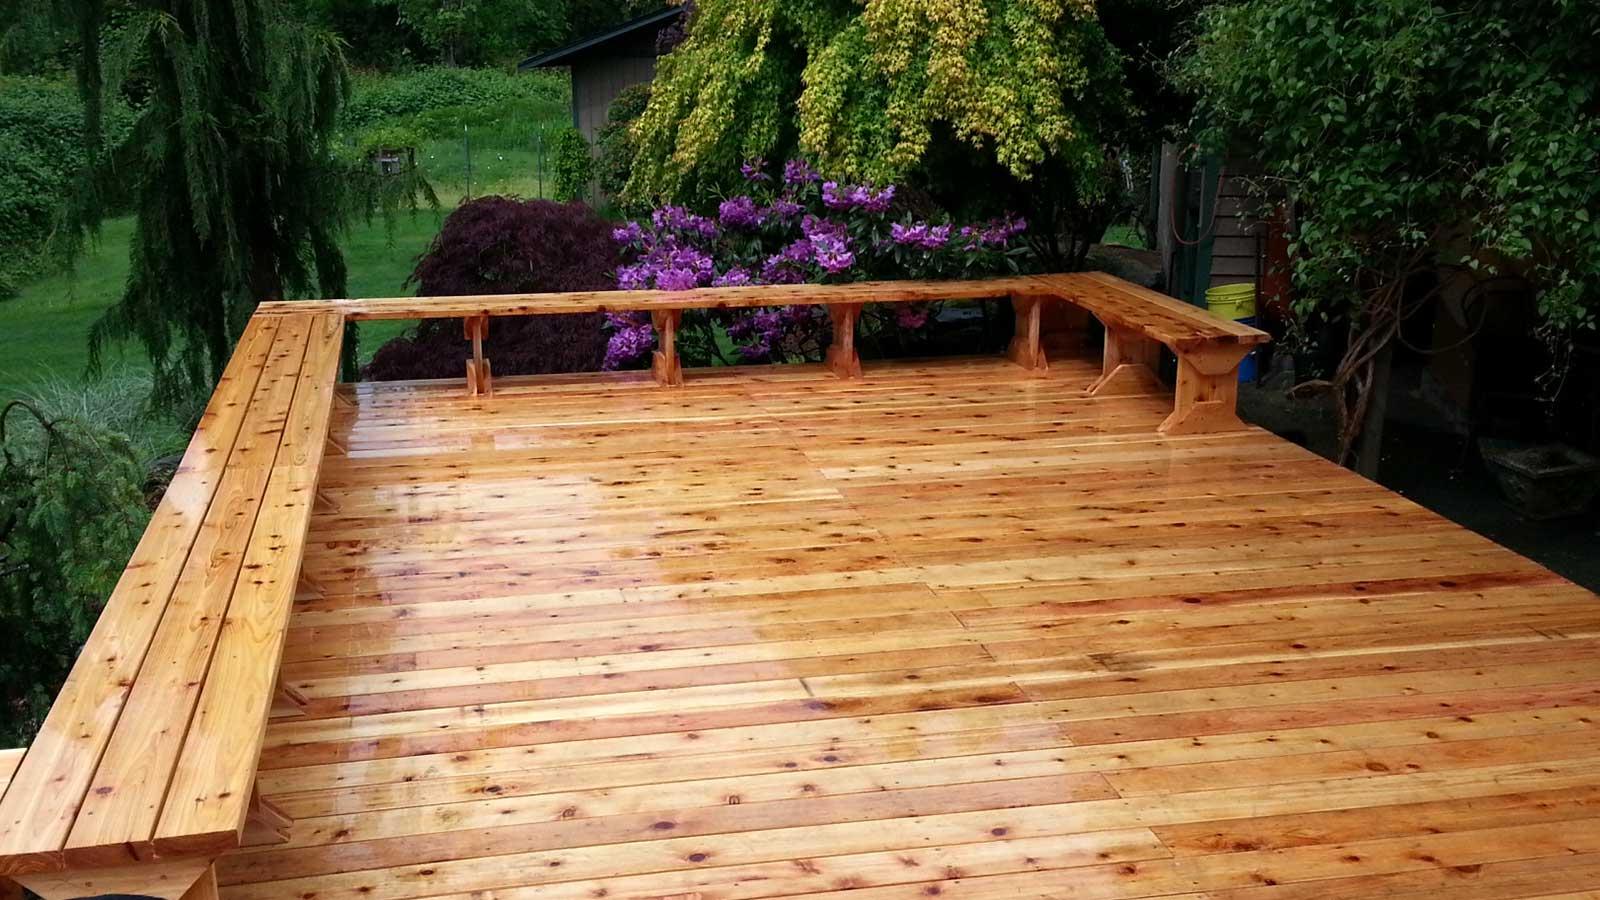 After deck renovation